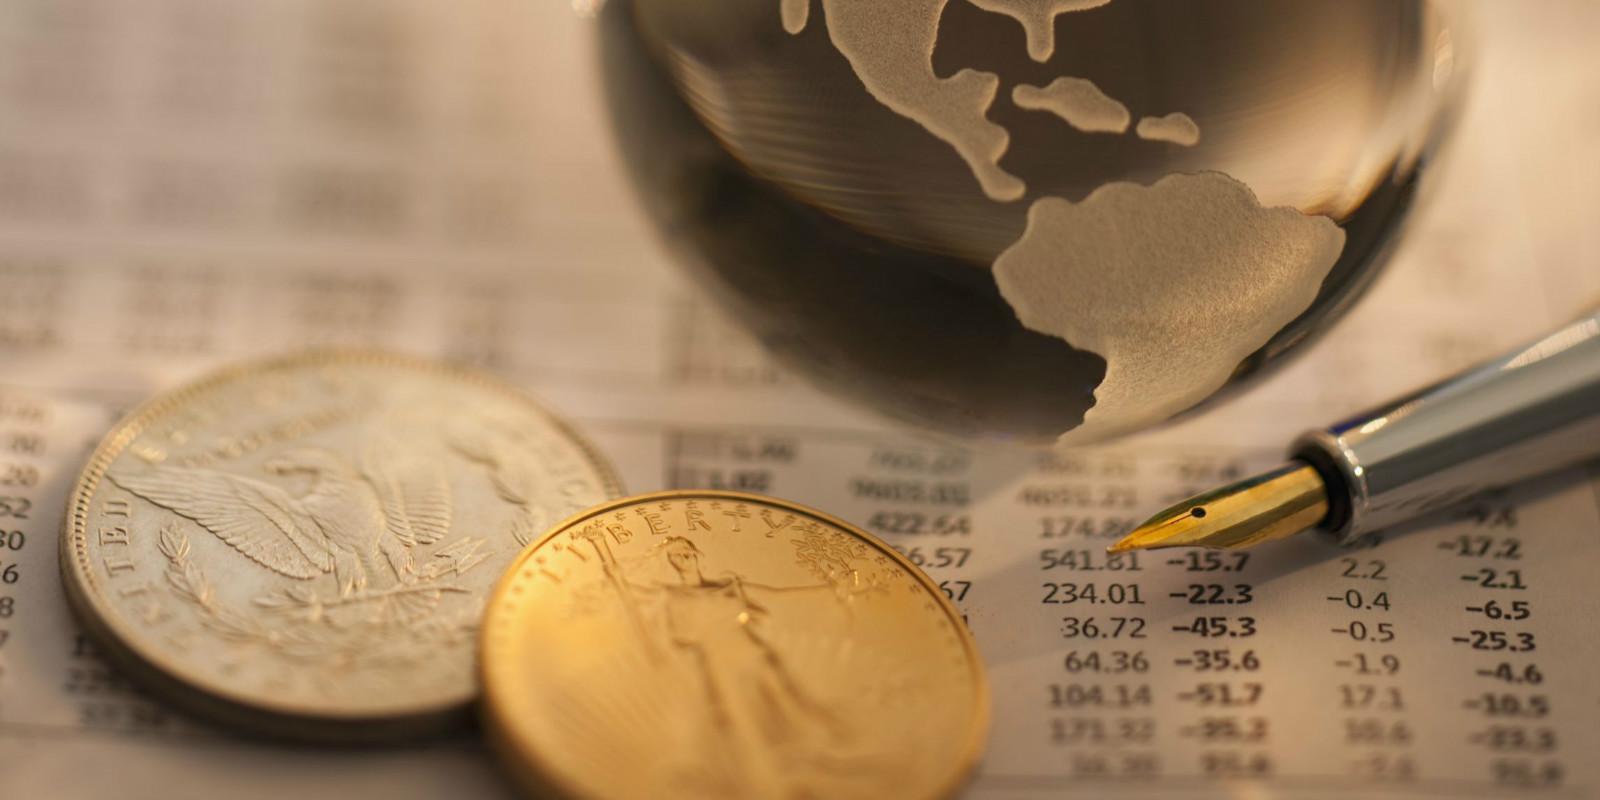 今日头条高调融资背后:正式站队阿里巴巴